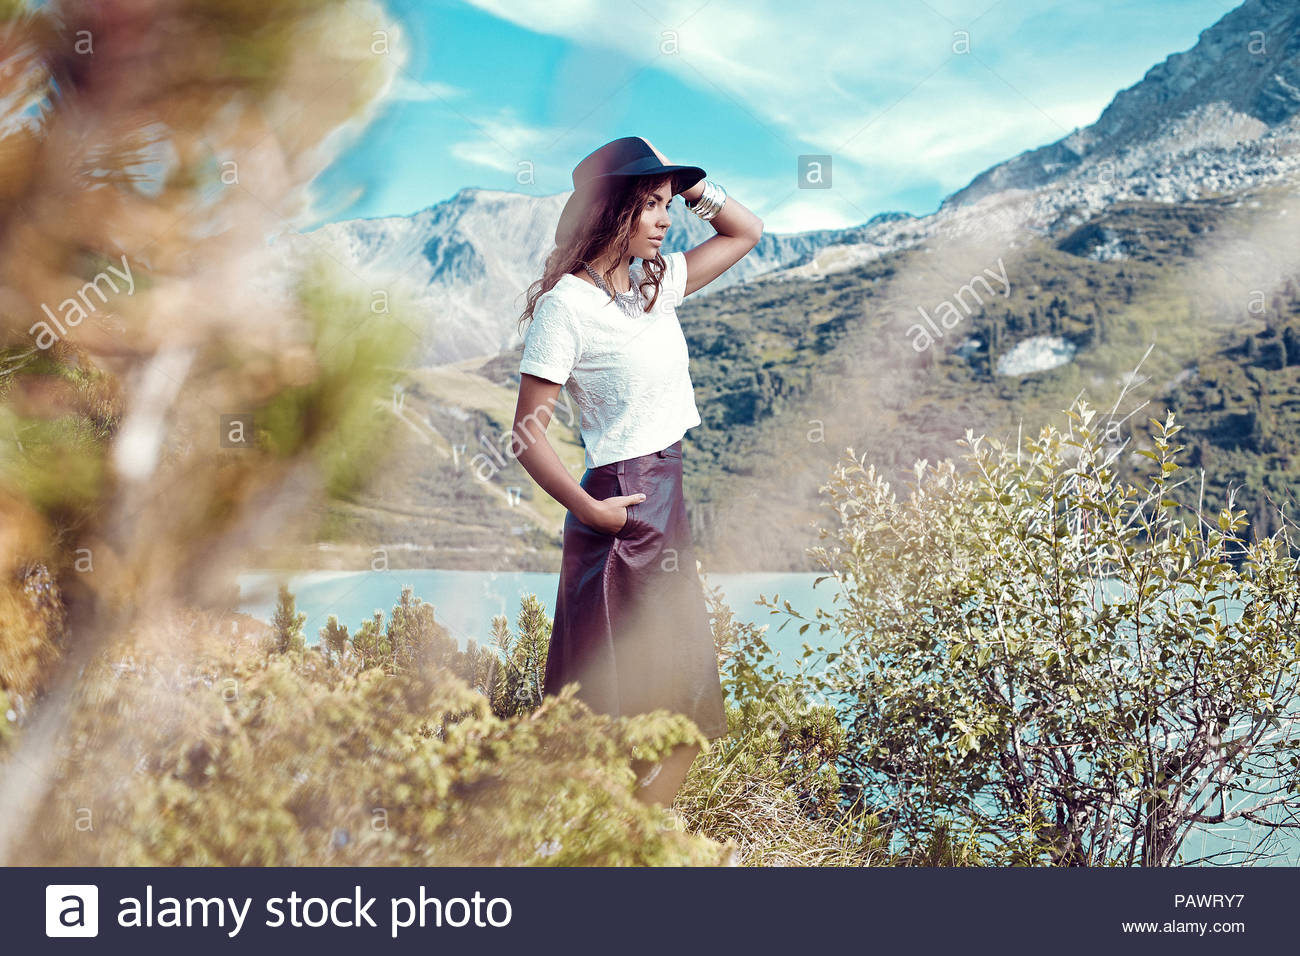 Una mujer en ropa informal posando en un campo en un día soleado Imagen De Stock